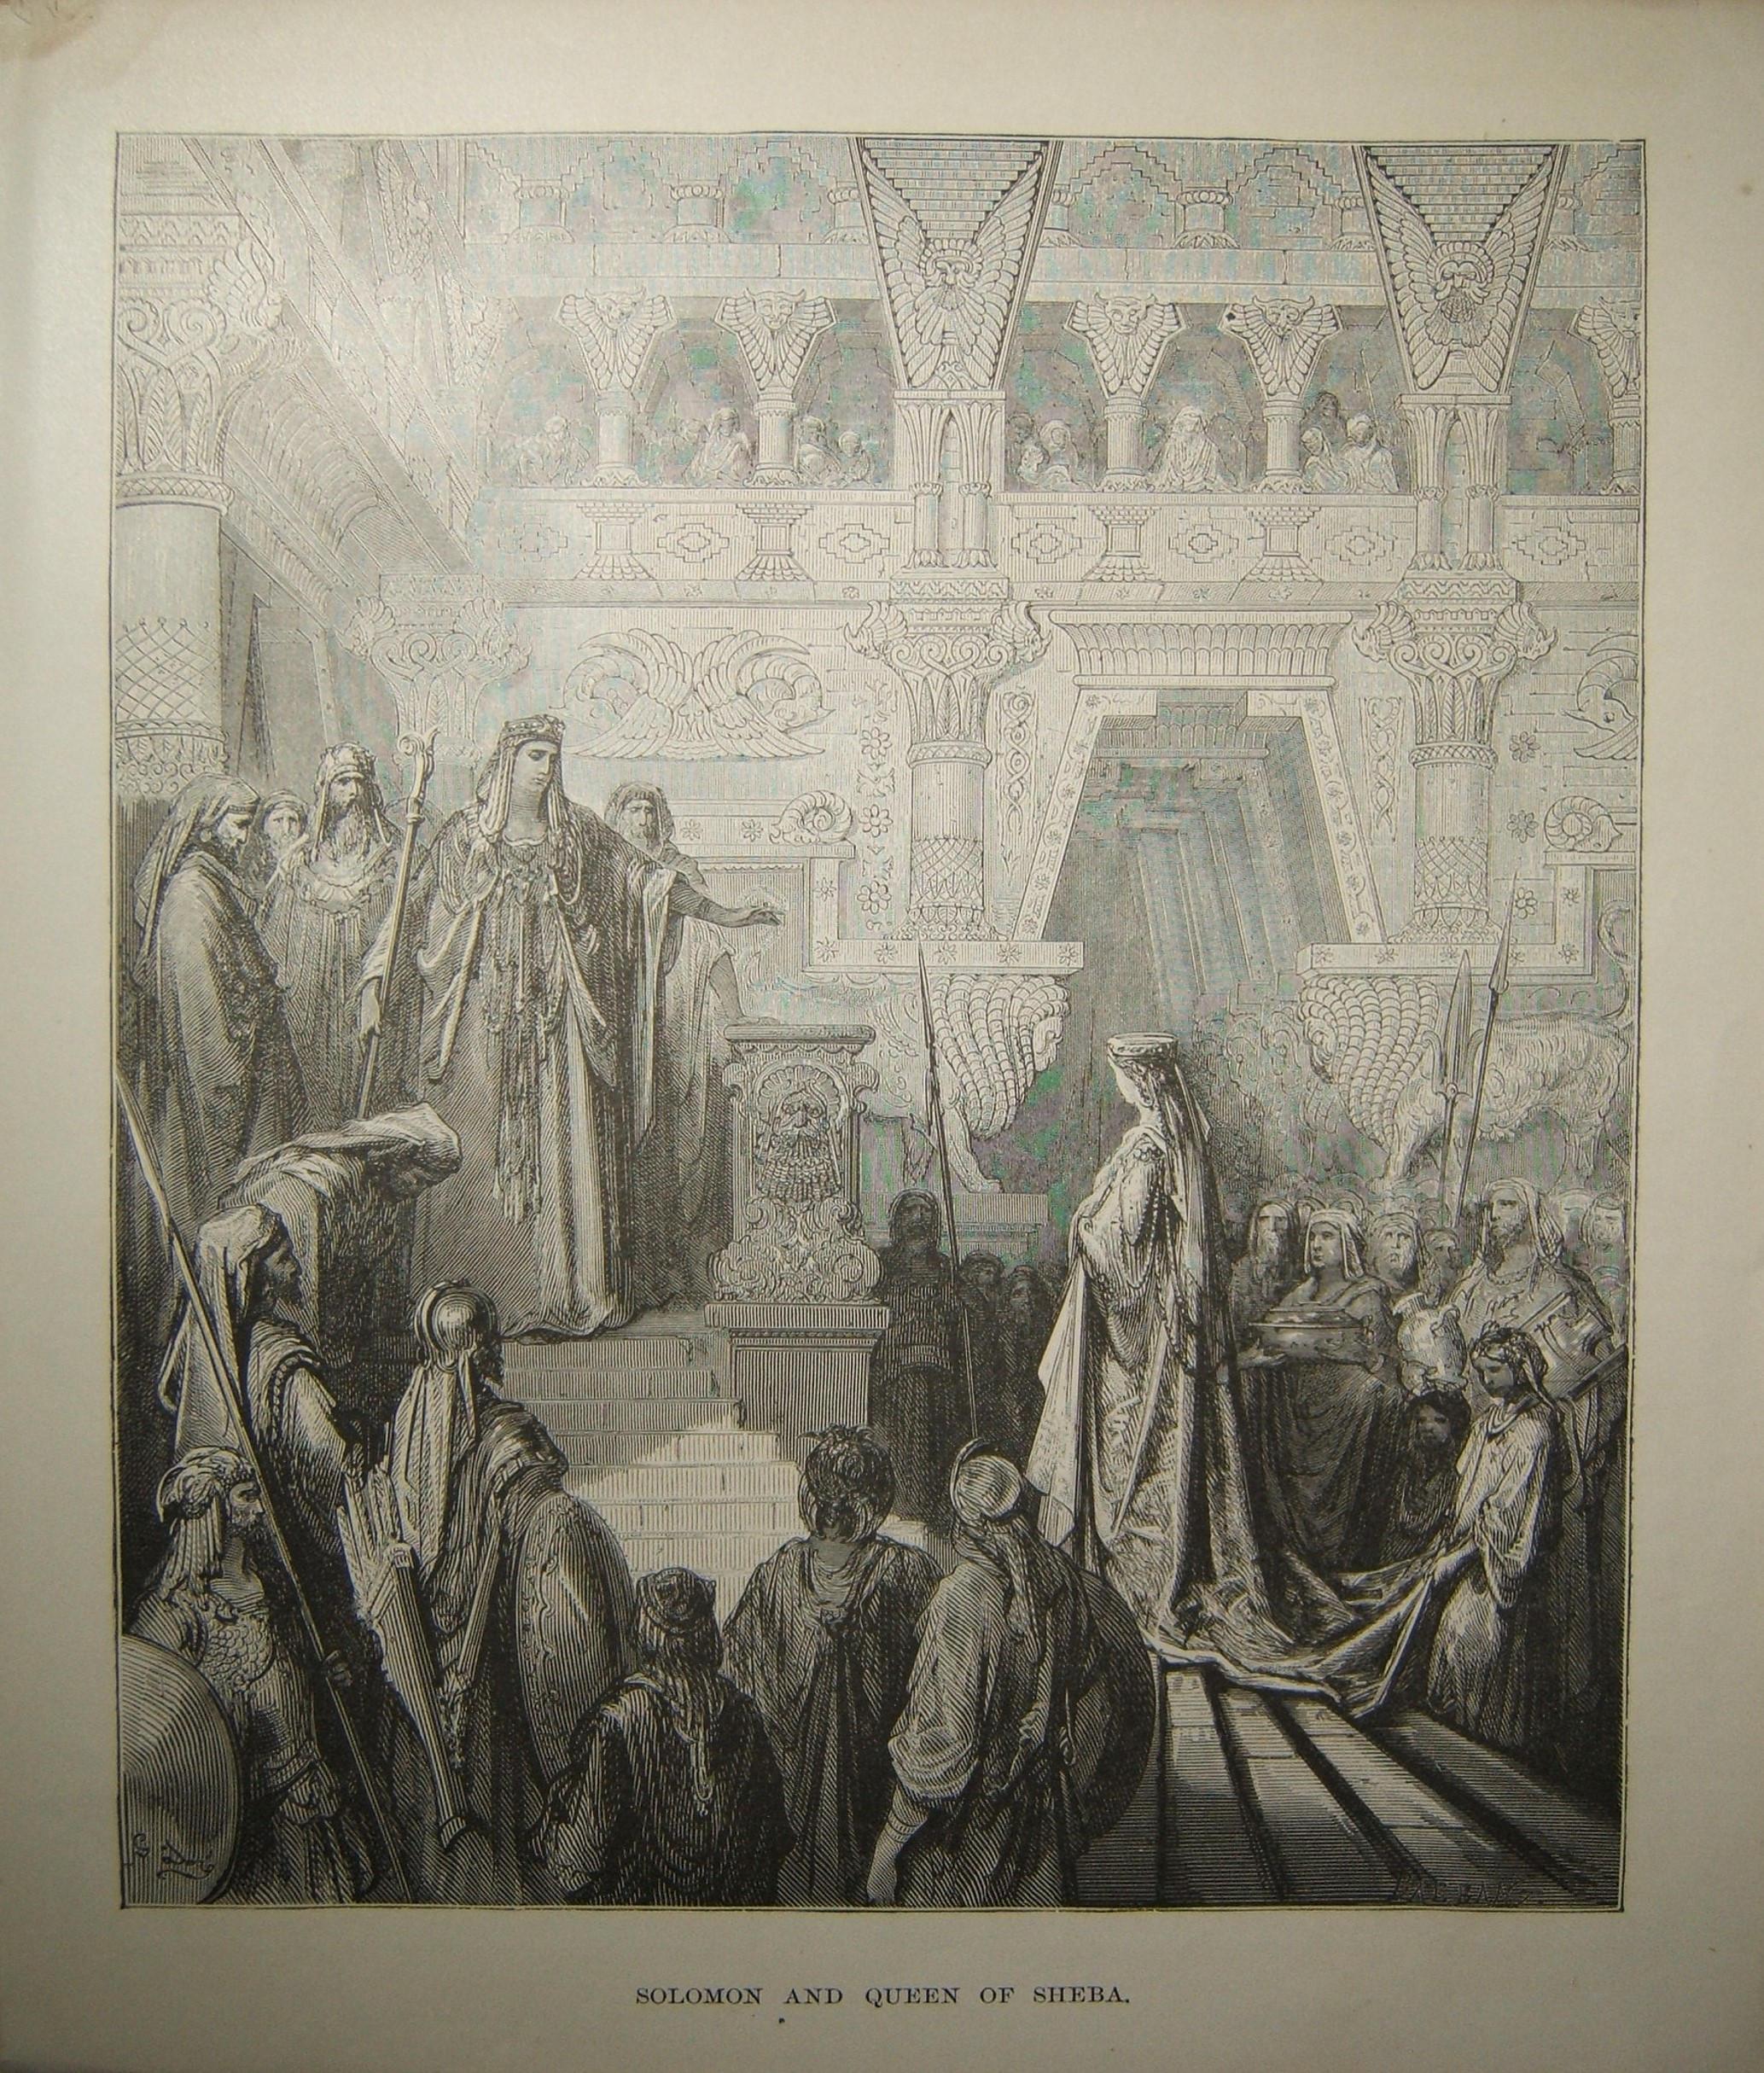 الكتاب المقدس طباعة سليمان وملكة سبأ. بواسطة غوستاف دوريه وباربانج ، القرن التاسع عشر